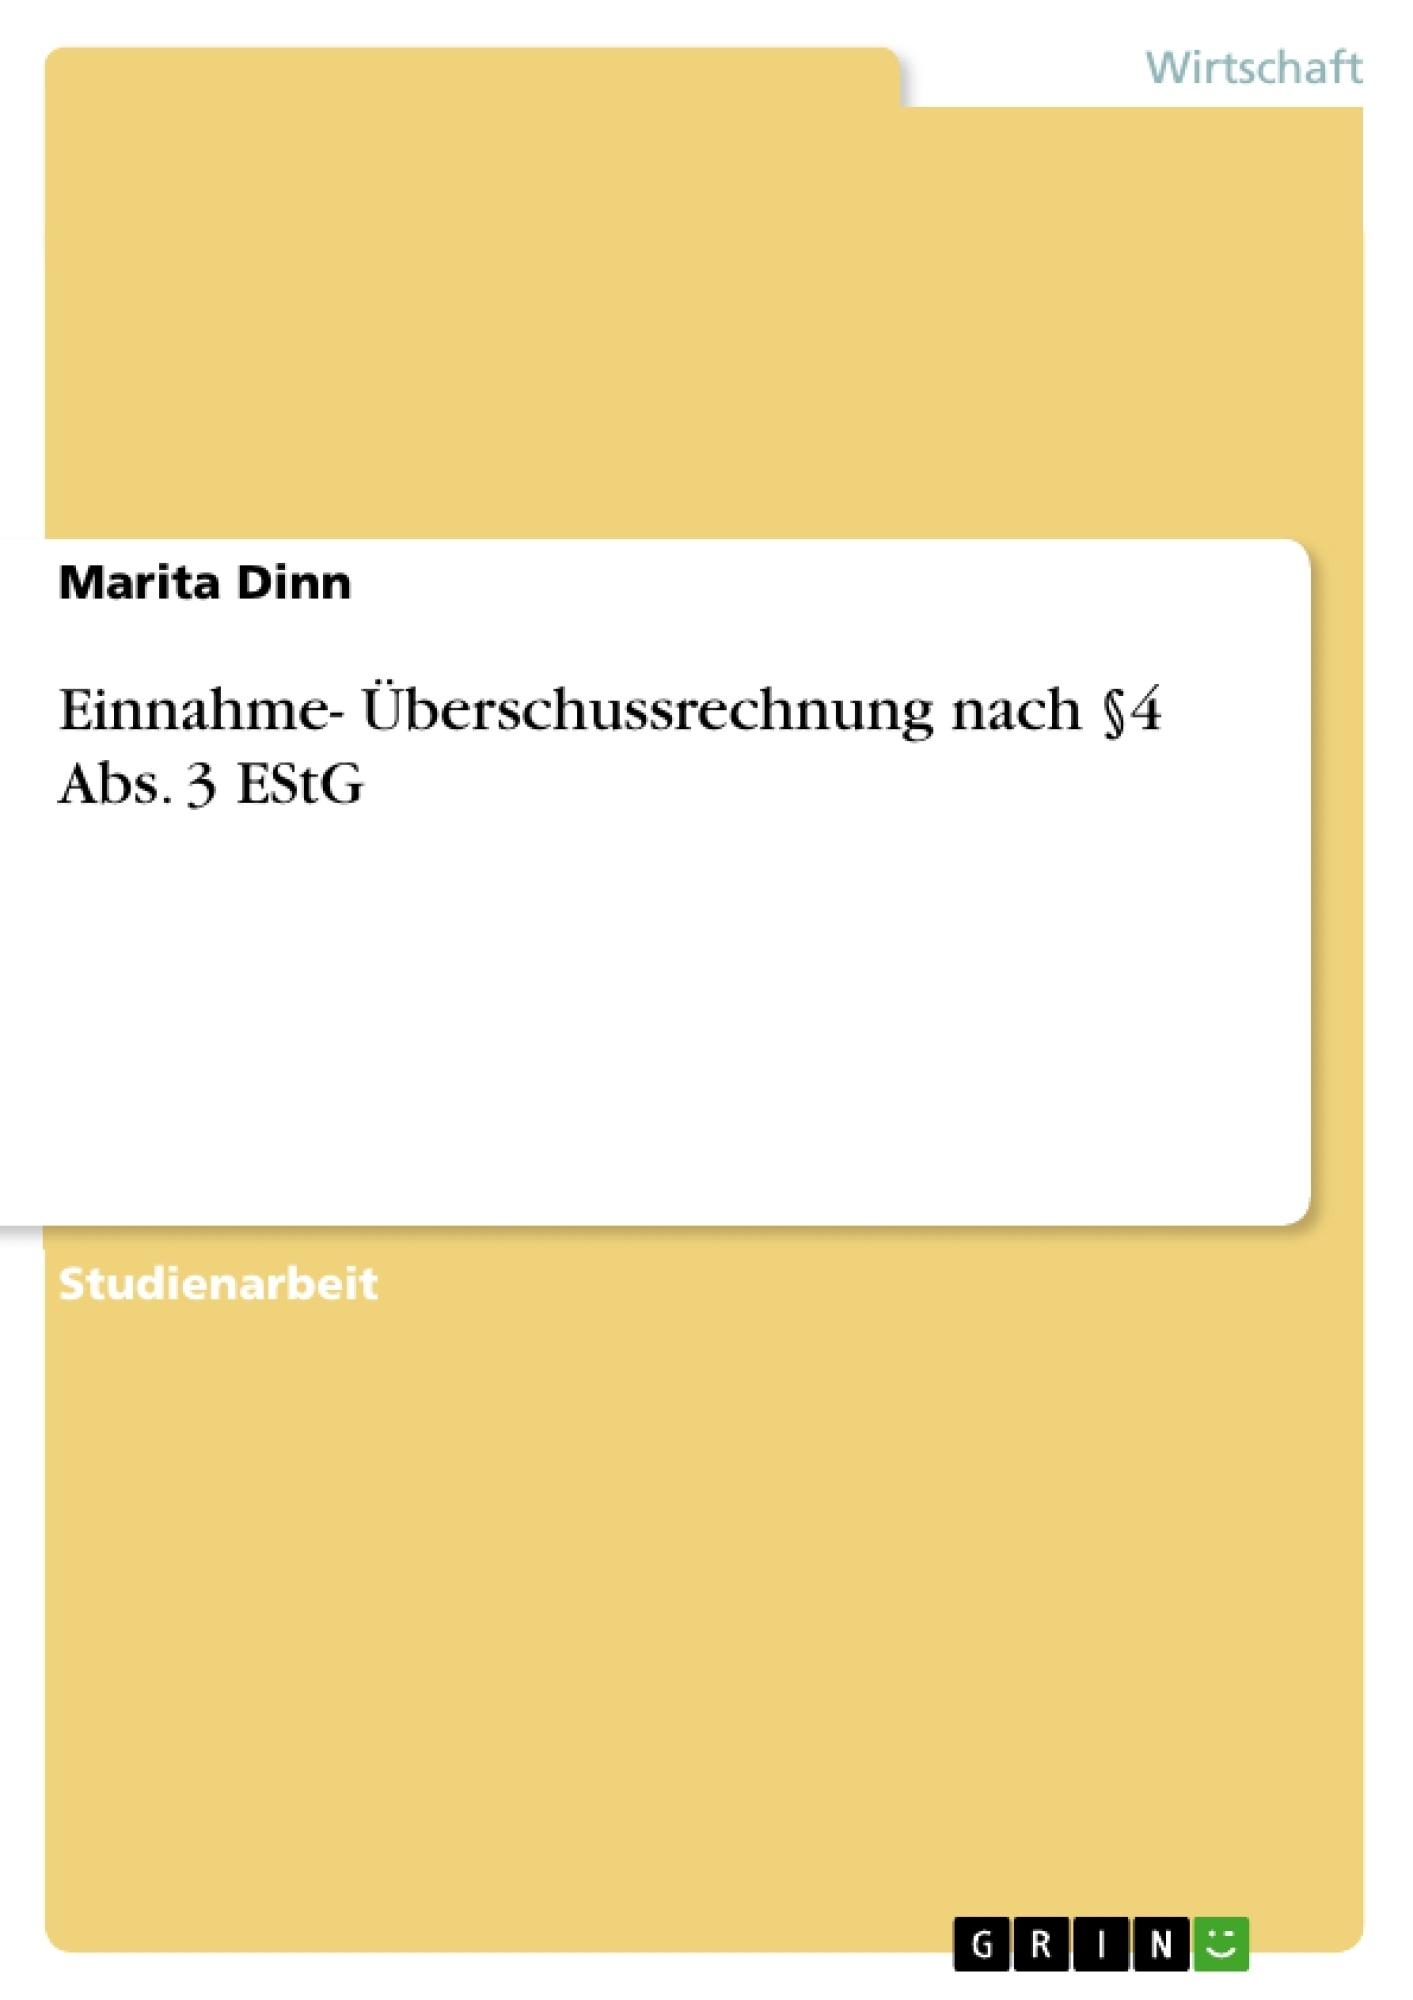 Titel: Einnahme- Überschussrechnung nach §4 Abs. 3 EStG